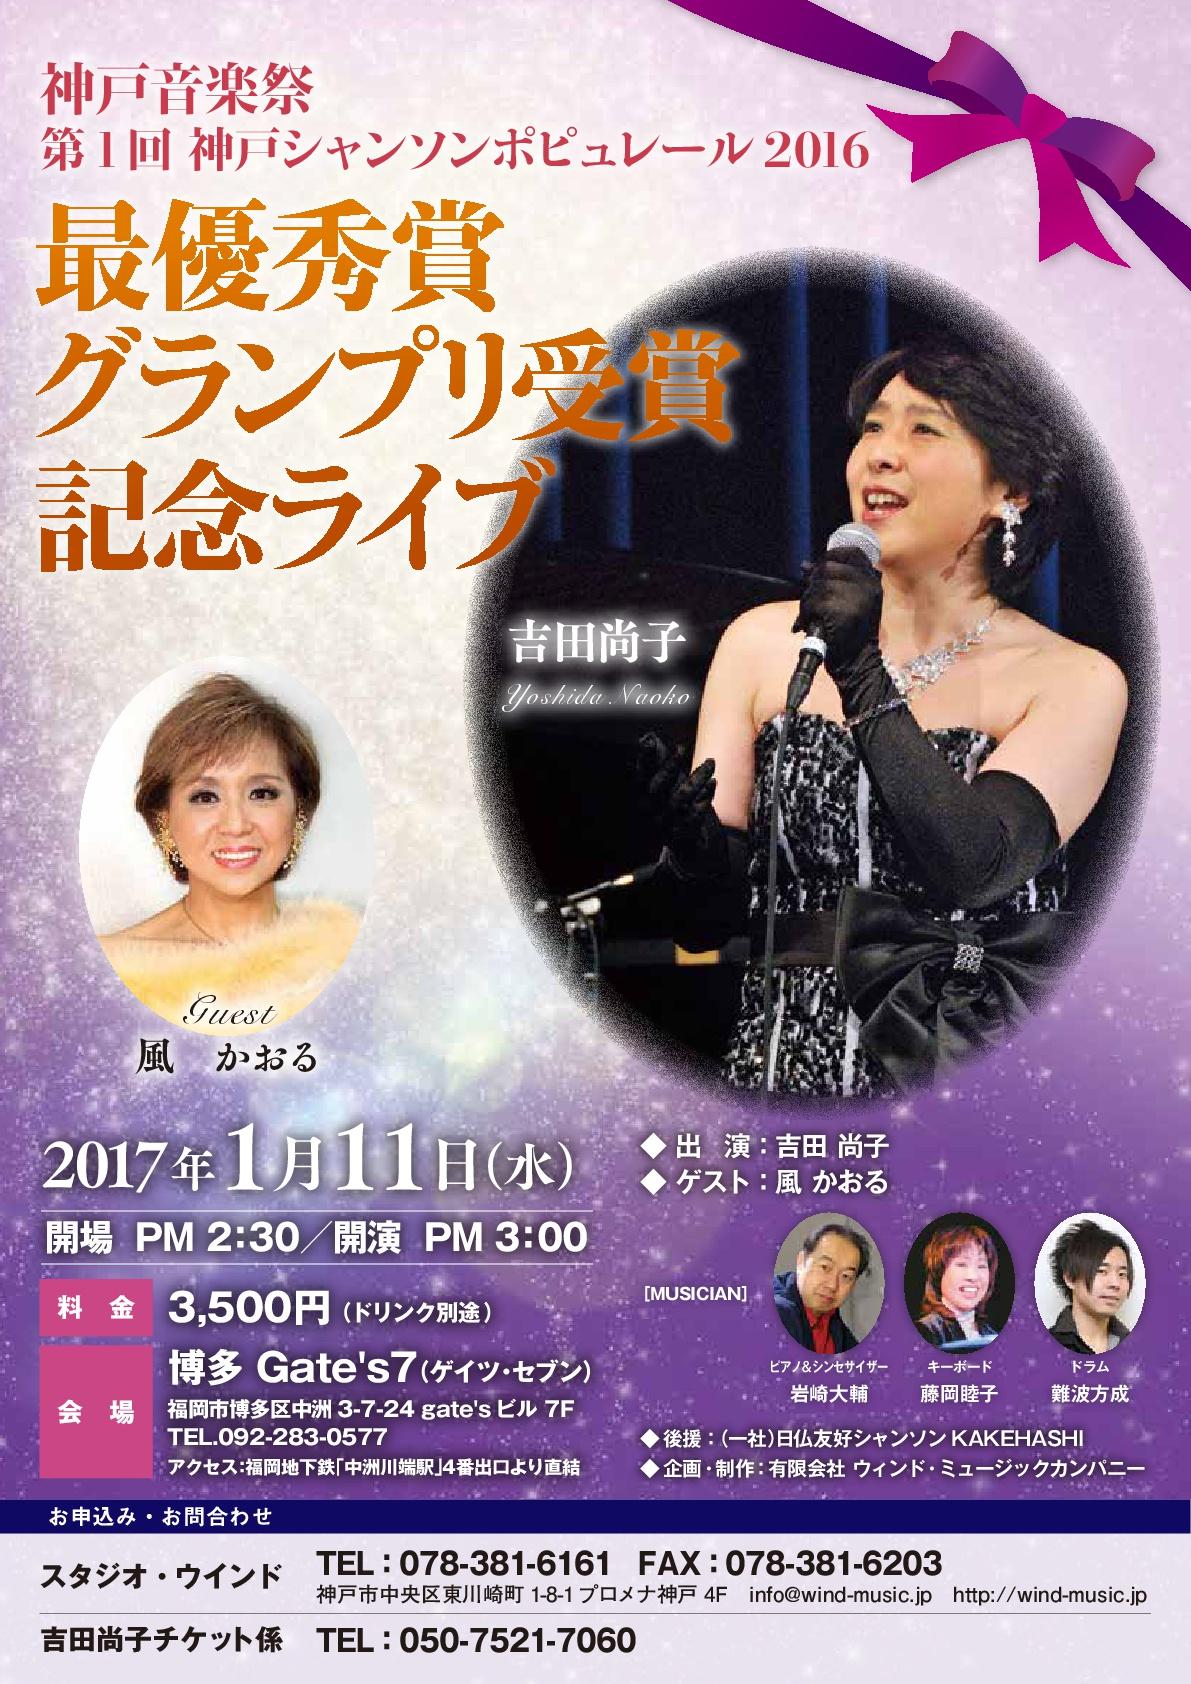 2016/10/kobe_1008_04-001.jpg